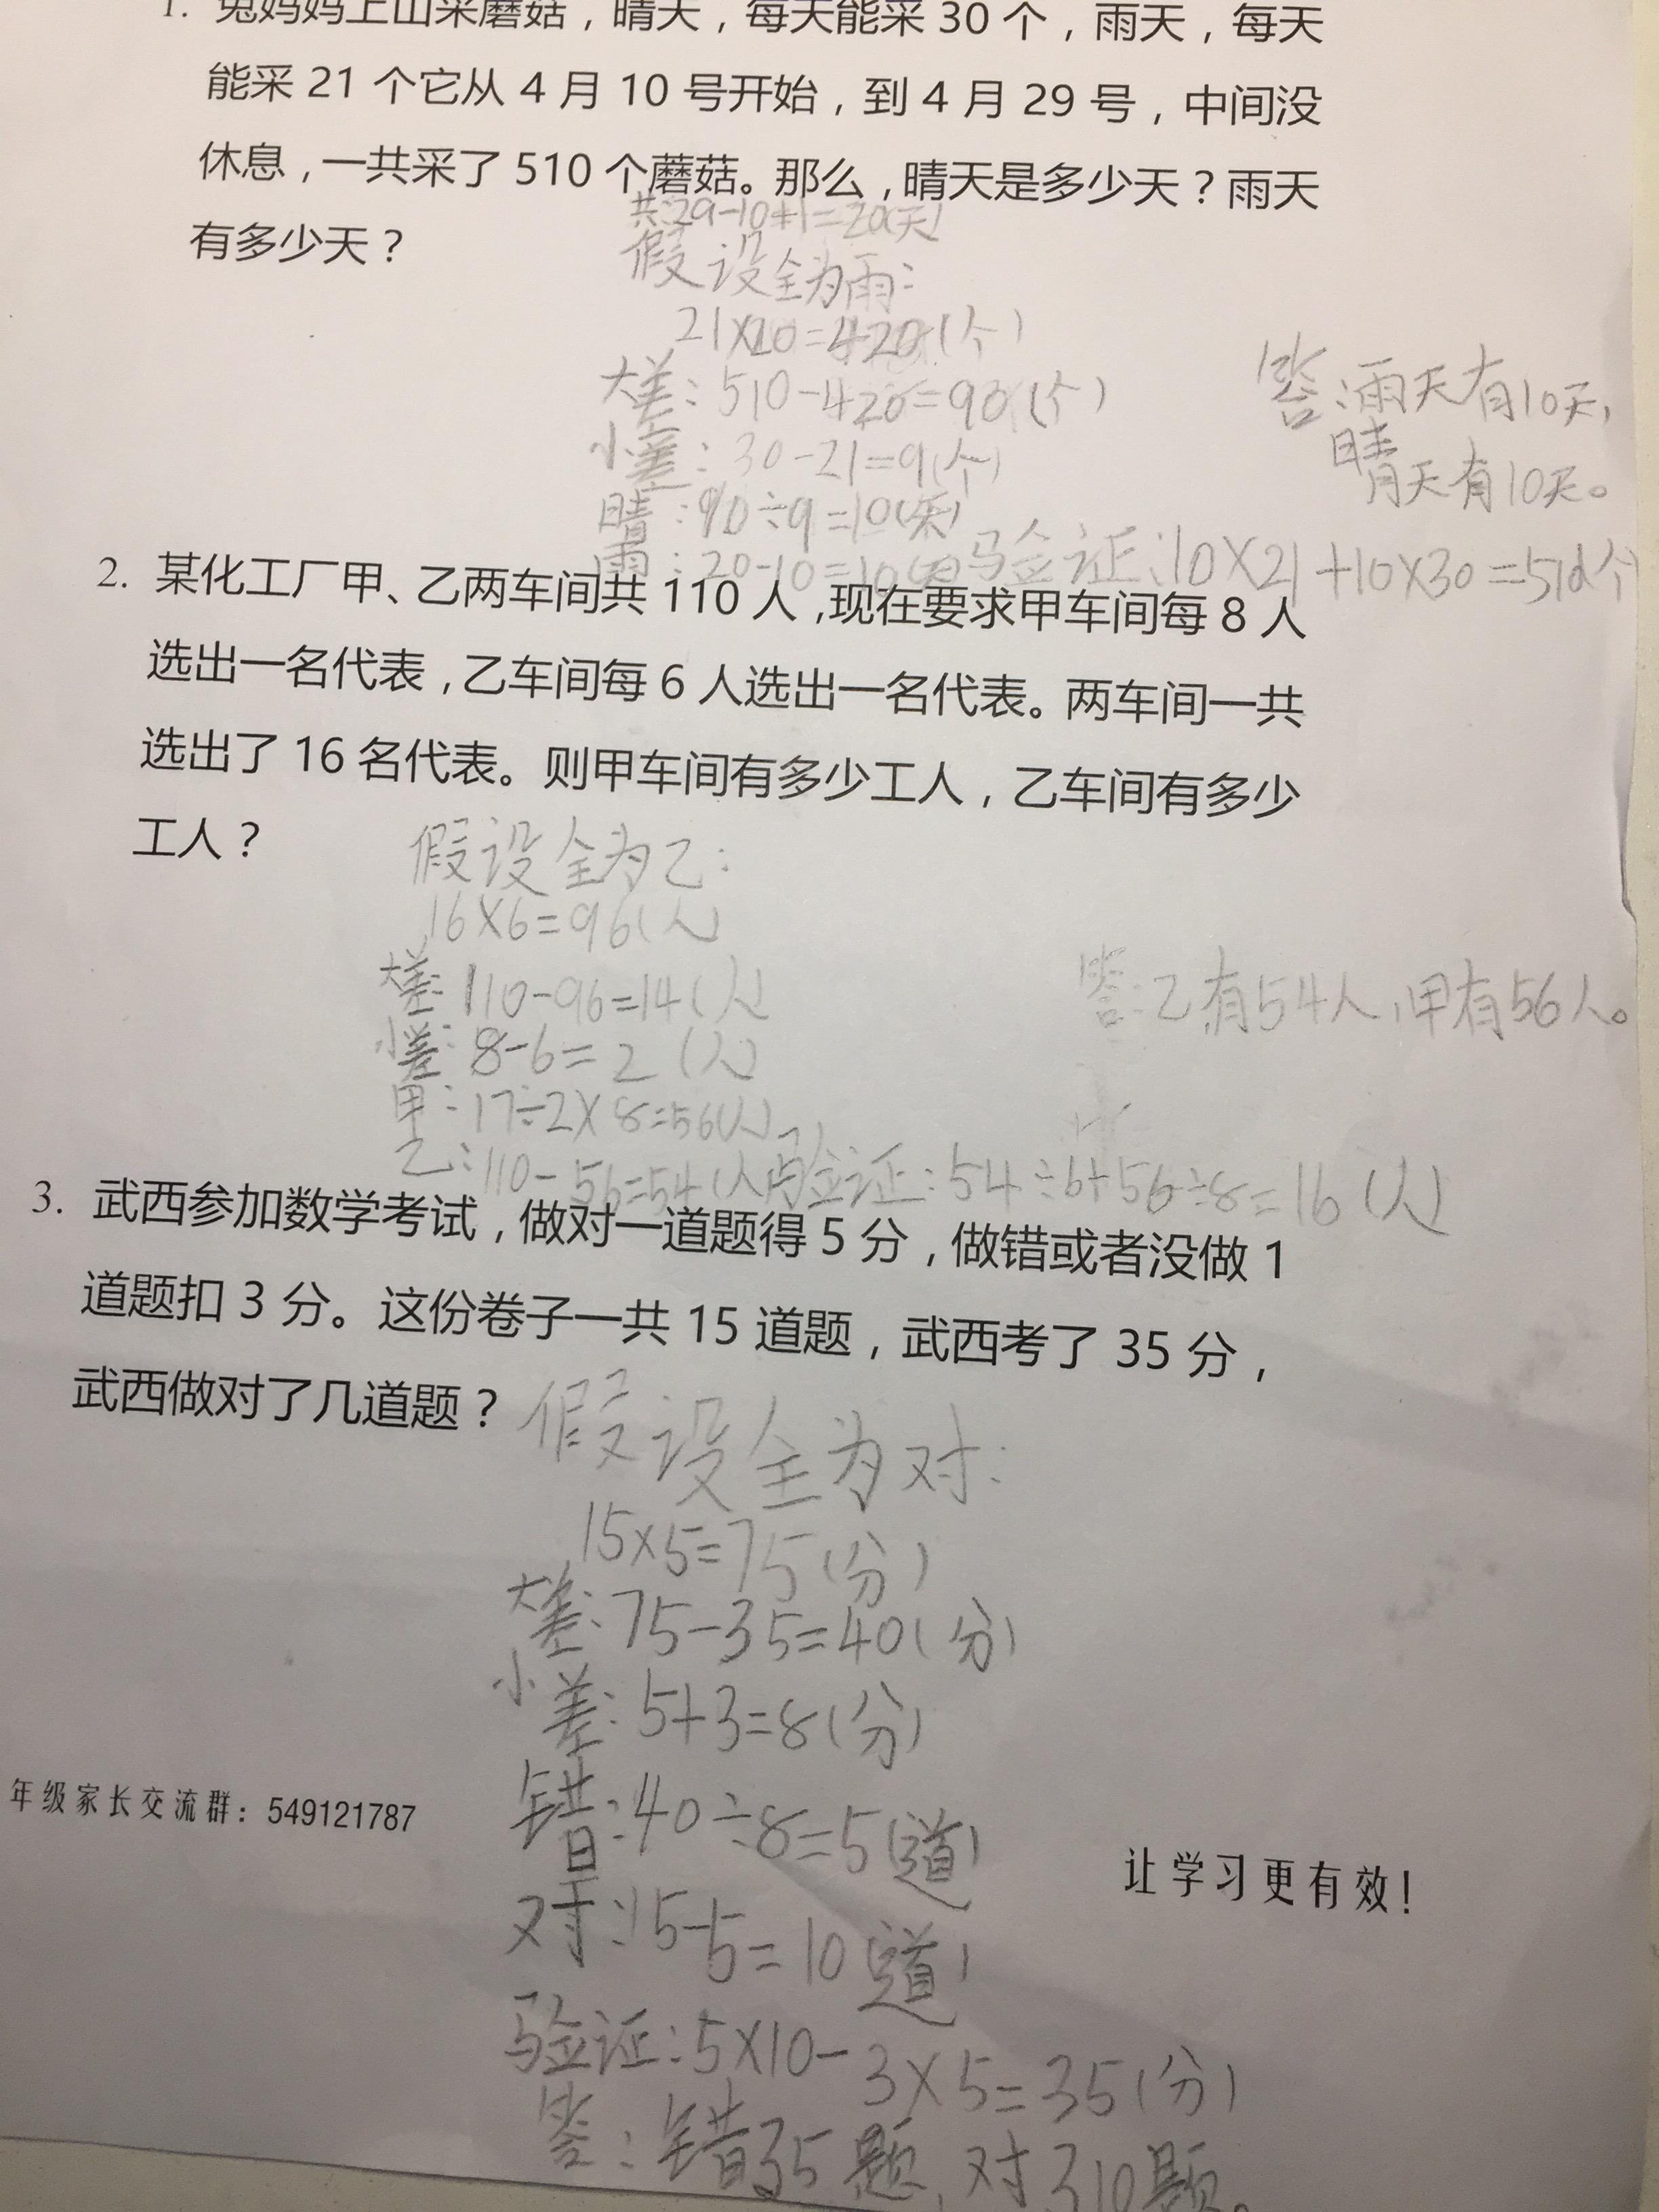 01EE740D-2195-41C2-BC3E-A5690CA2EC47.jpg